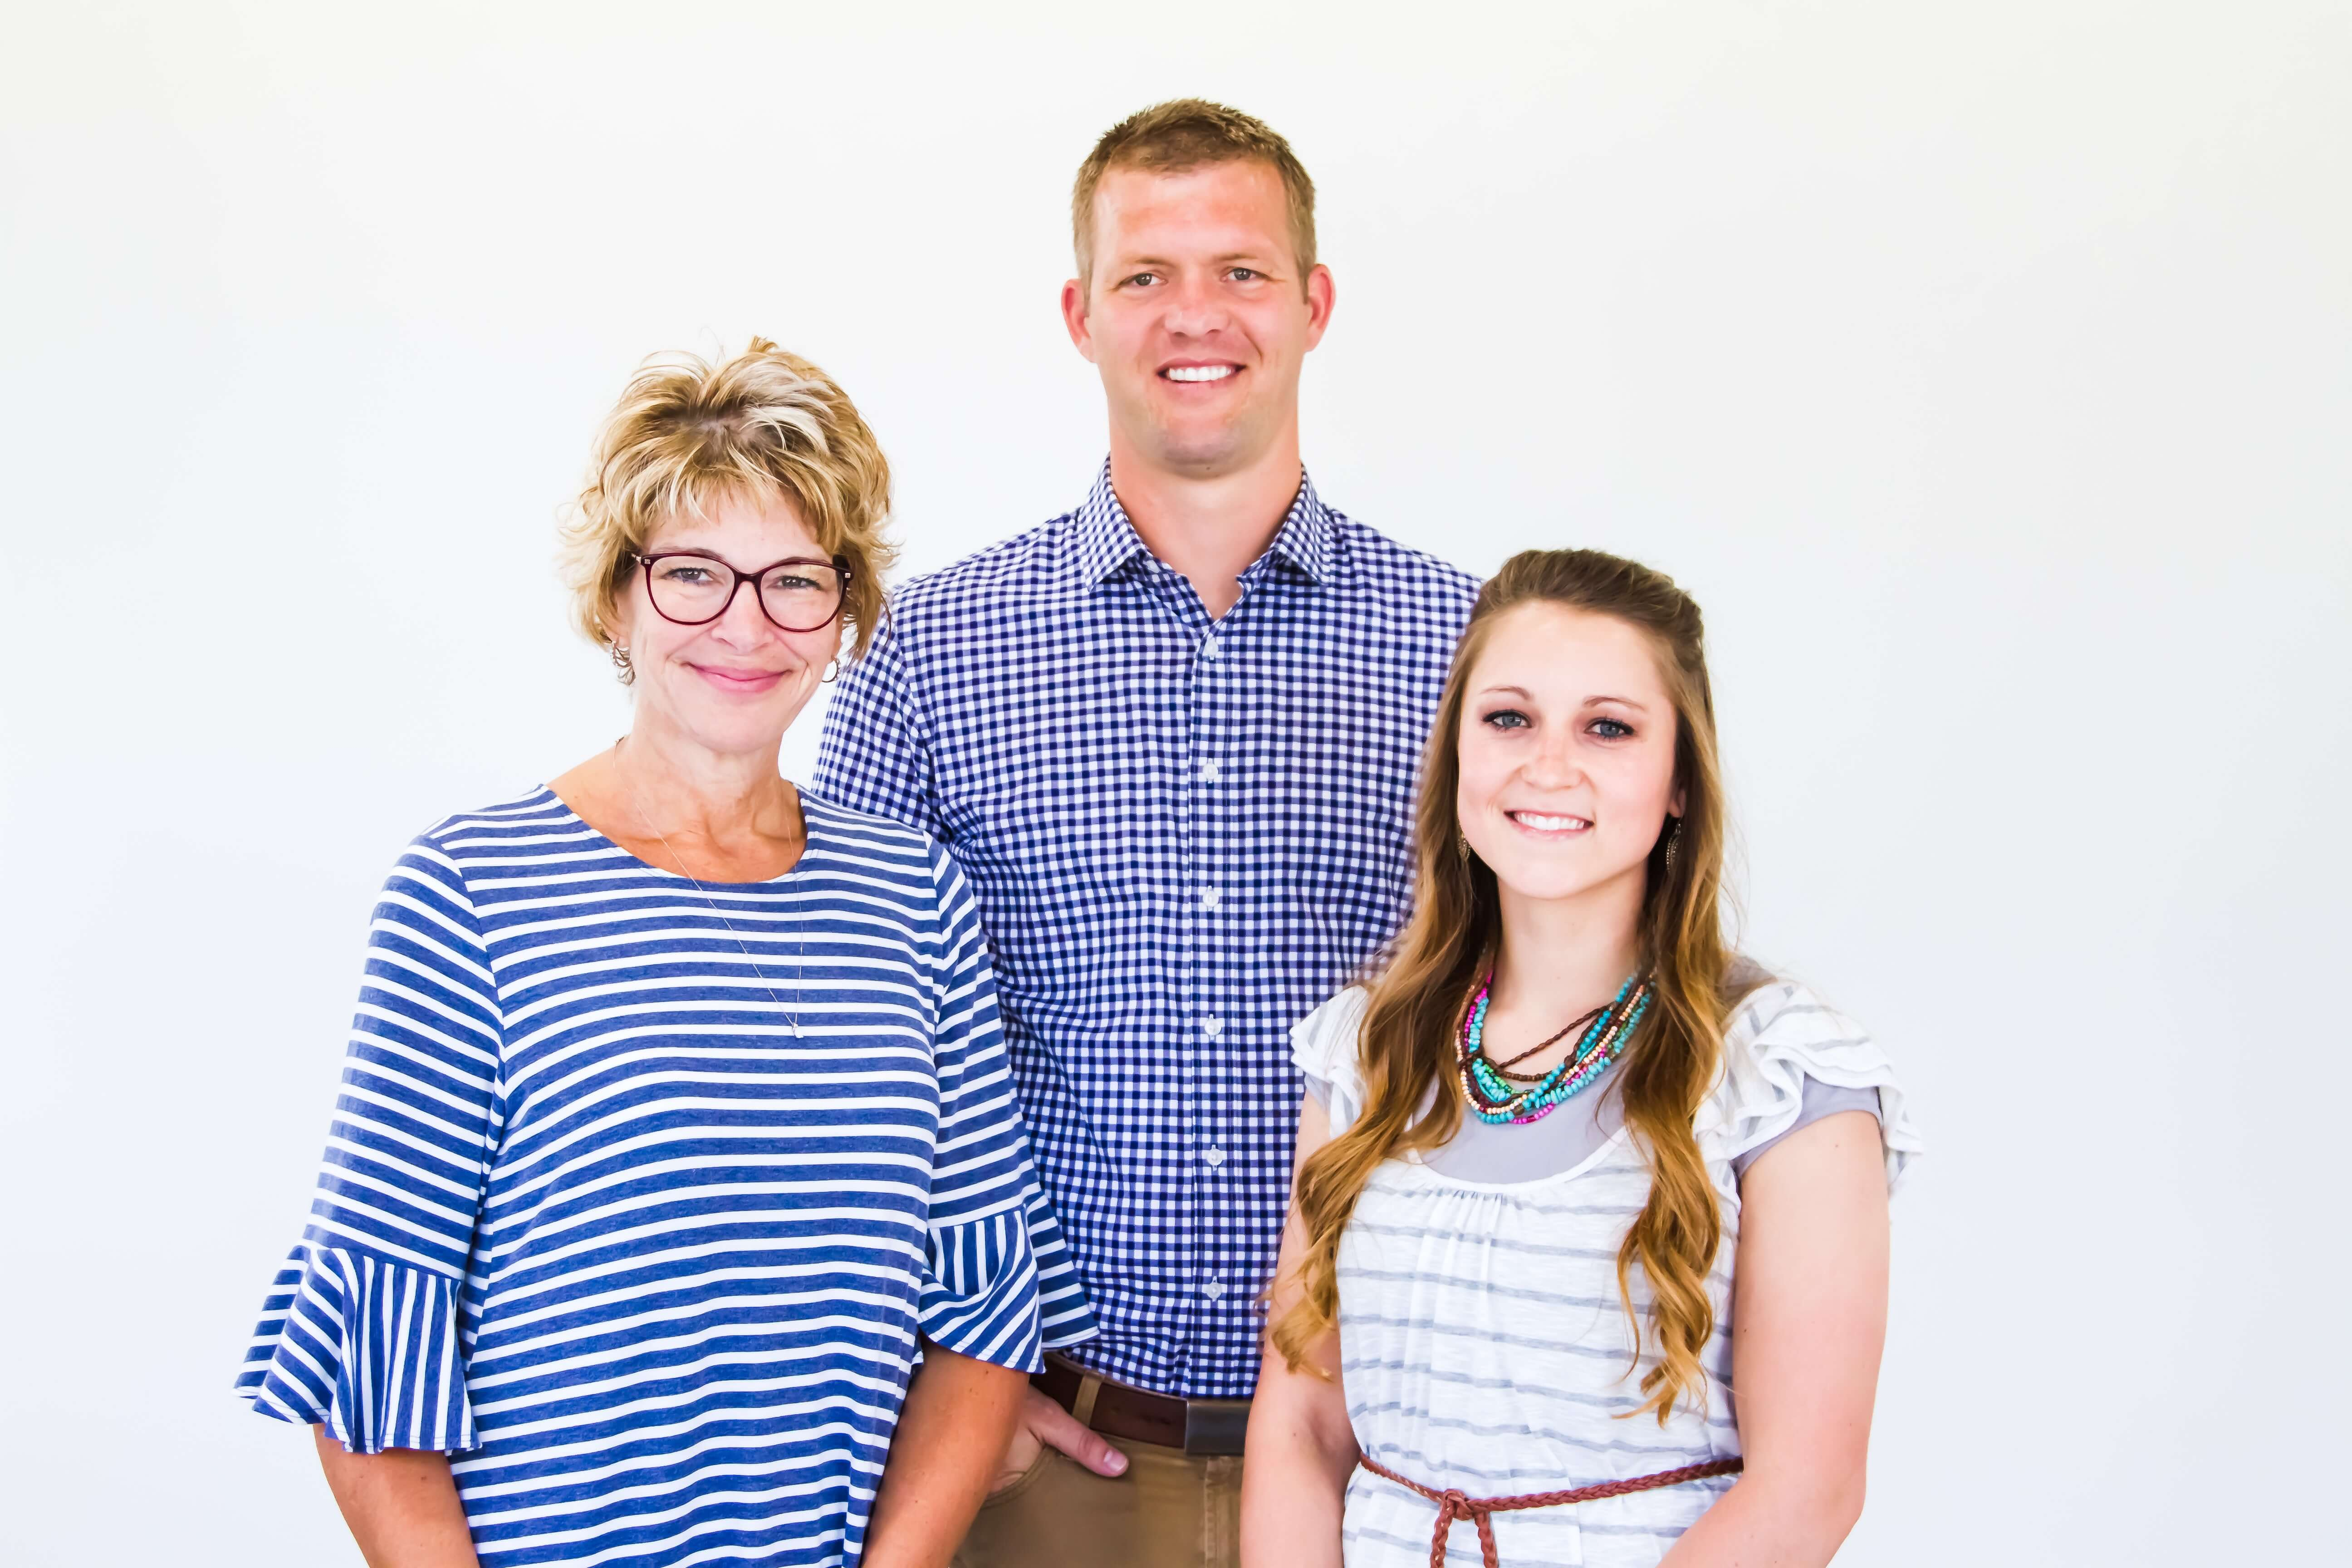 Dentist in Logan, Dr. Tanner Hunsaker and his dental team group photo at Midtown Dental in Logan, Utah